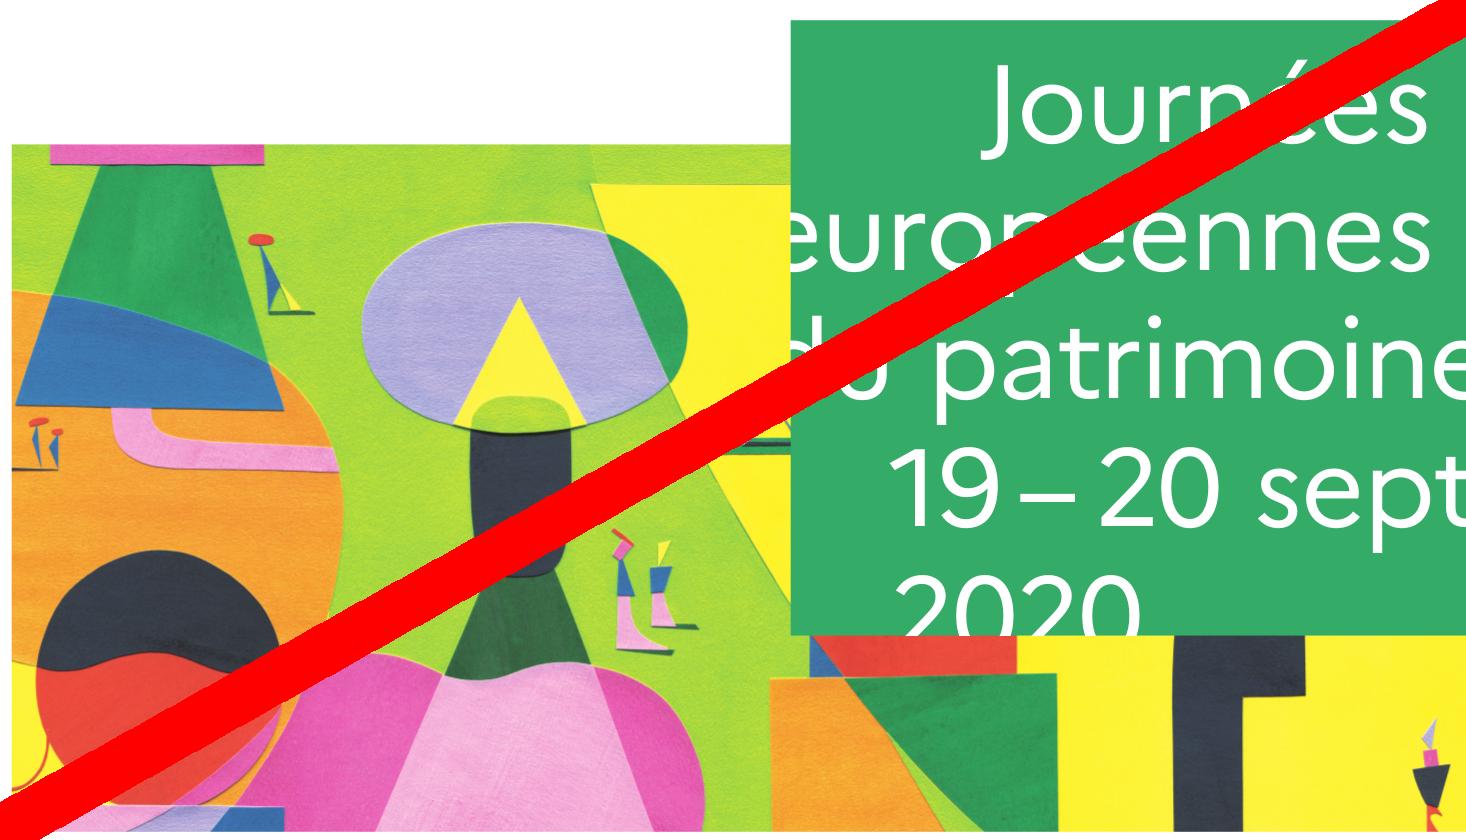 Pour cause de COVID-19, de Journées Européennes du Patrimoine cette année...